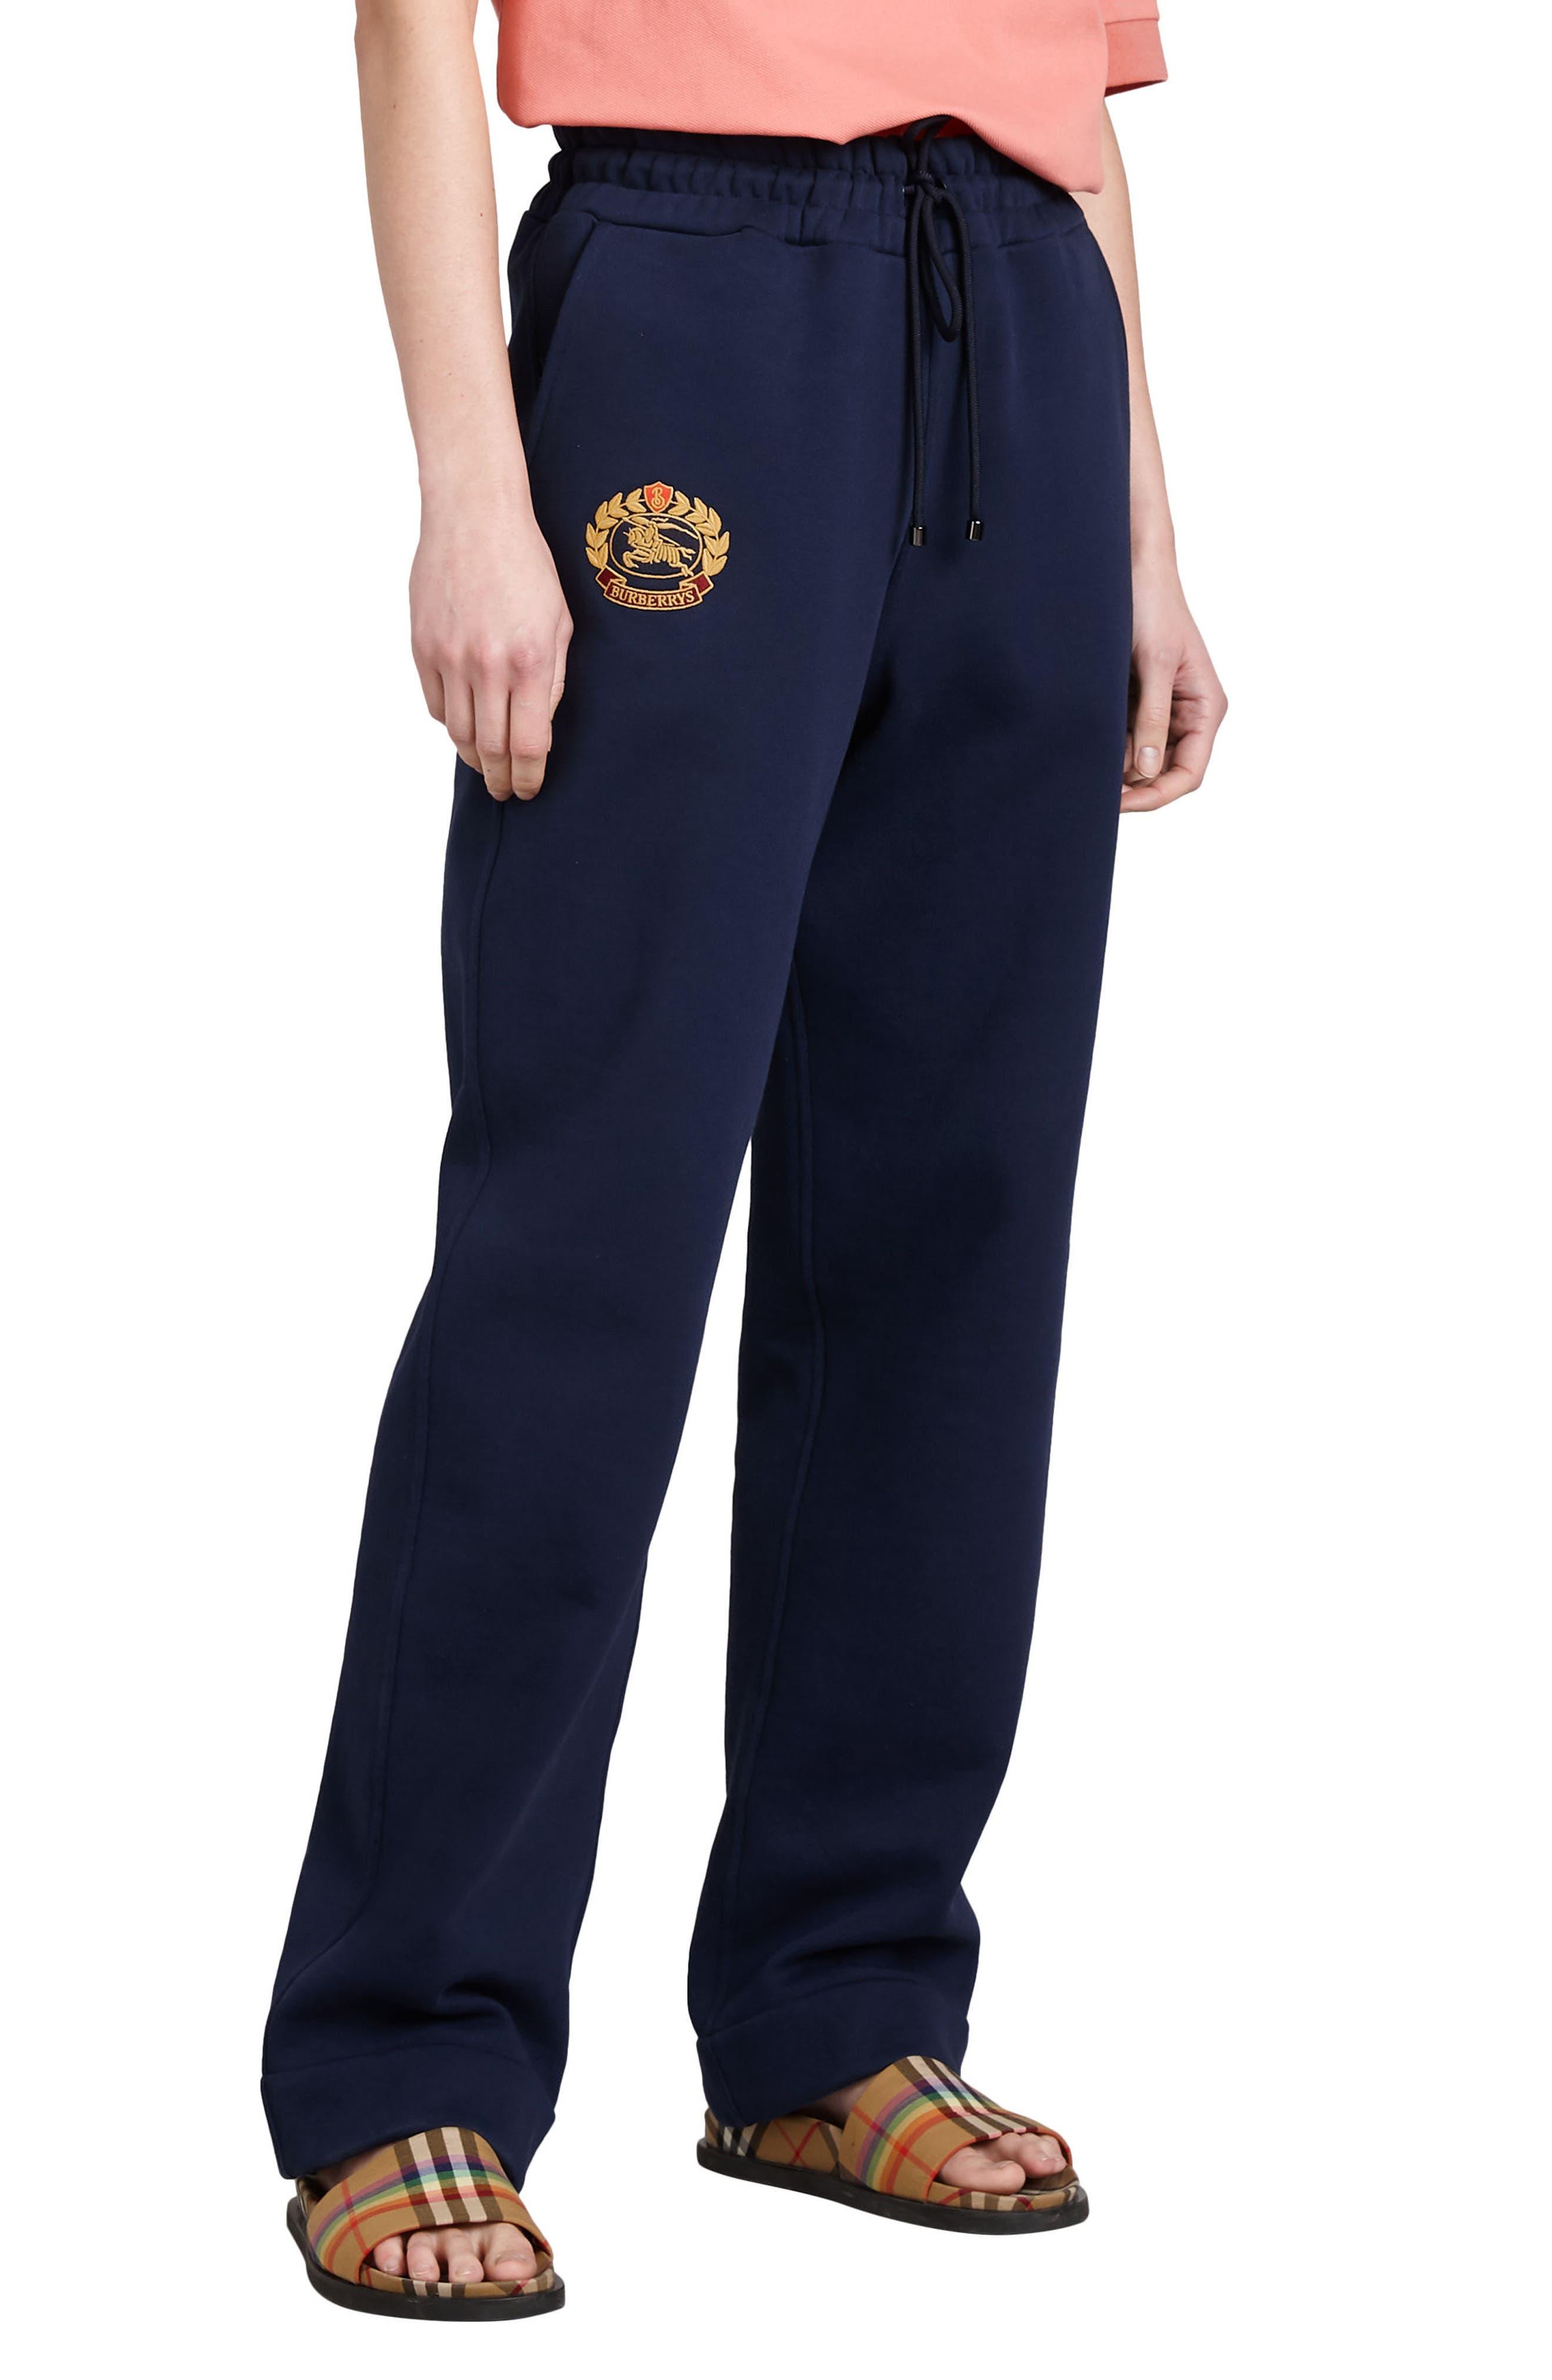 Vintage Crest Sweatpants,                             Main thumbnail 1, color,                             401